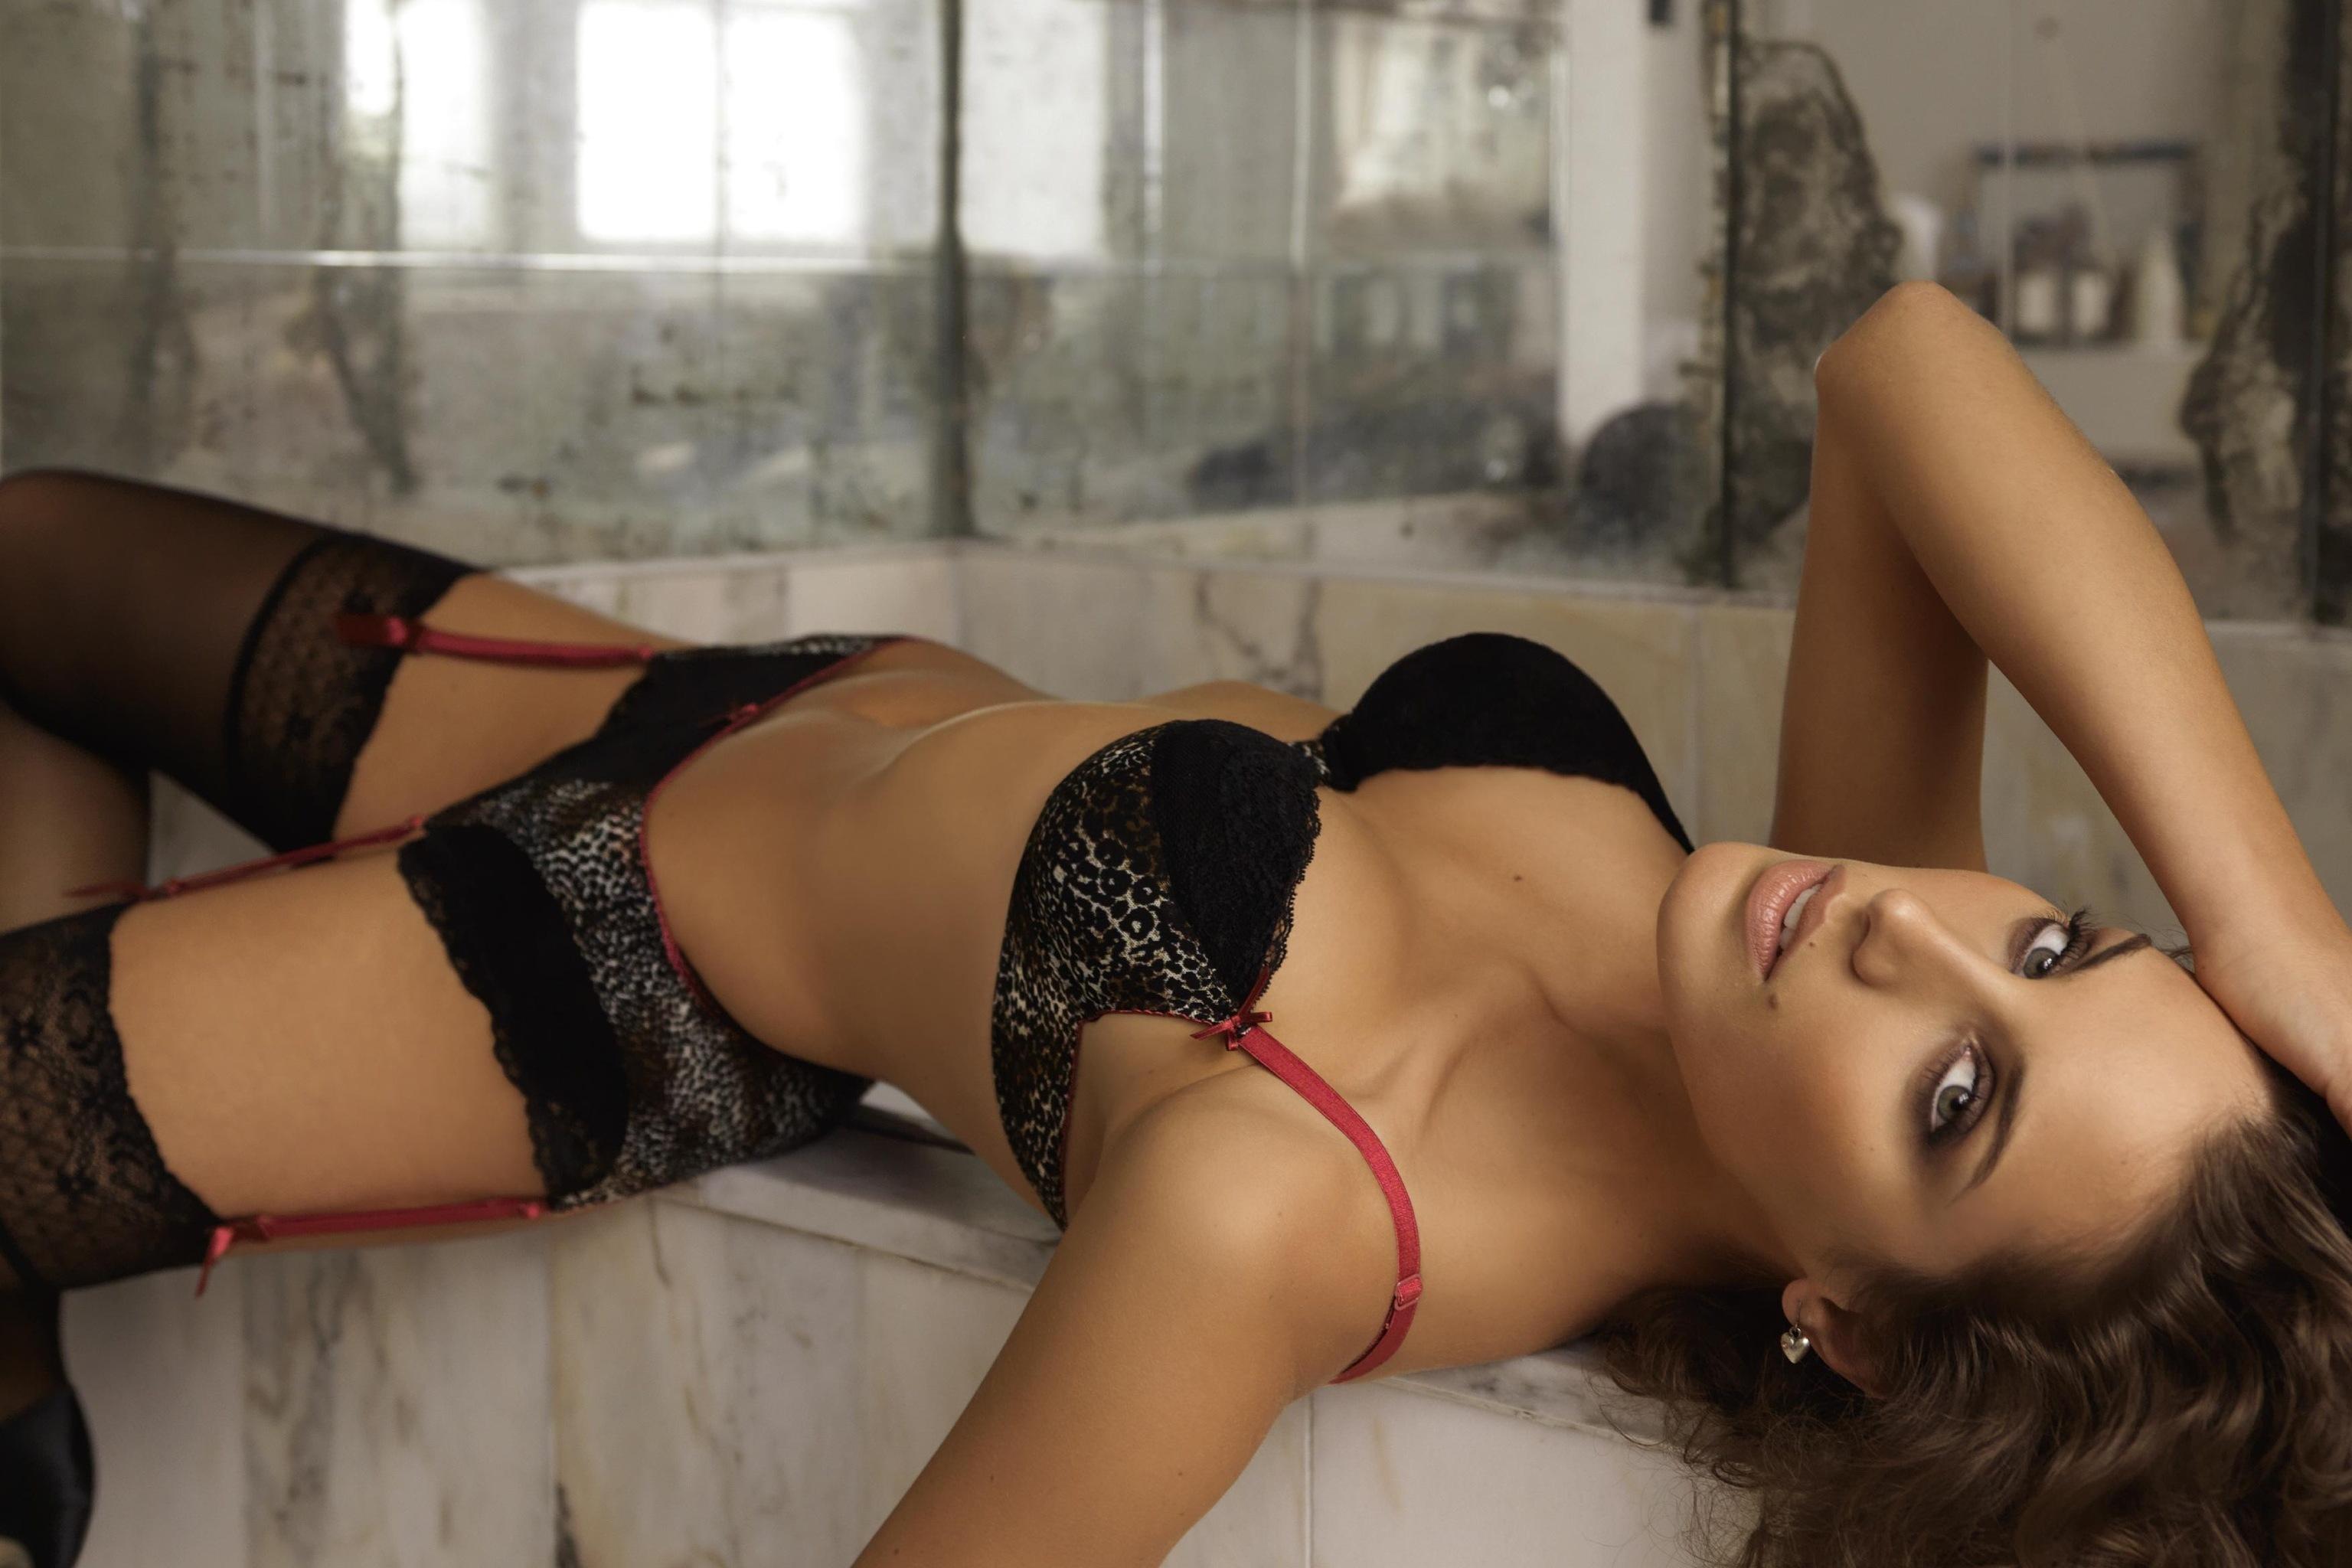 девочки 12: порно видео онлайн, смотреть порно на Rus.Porn